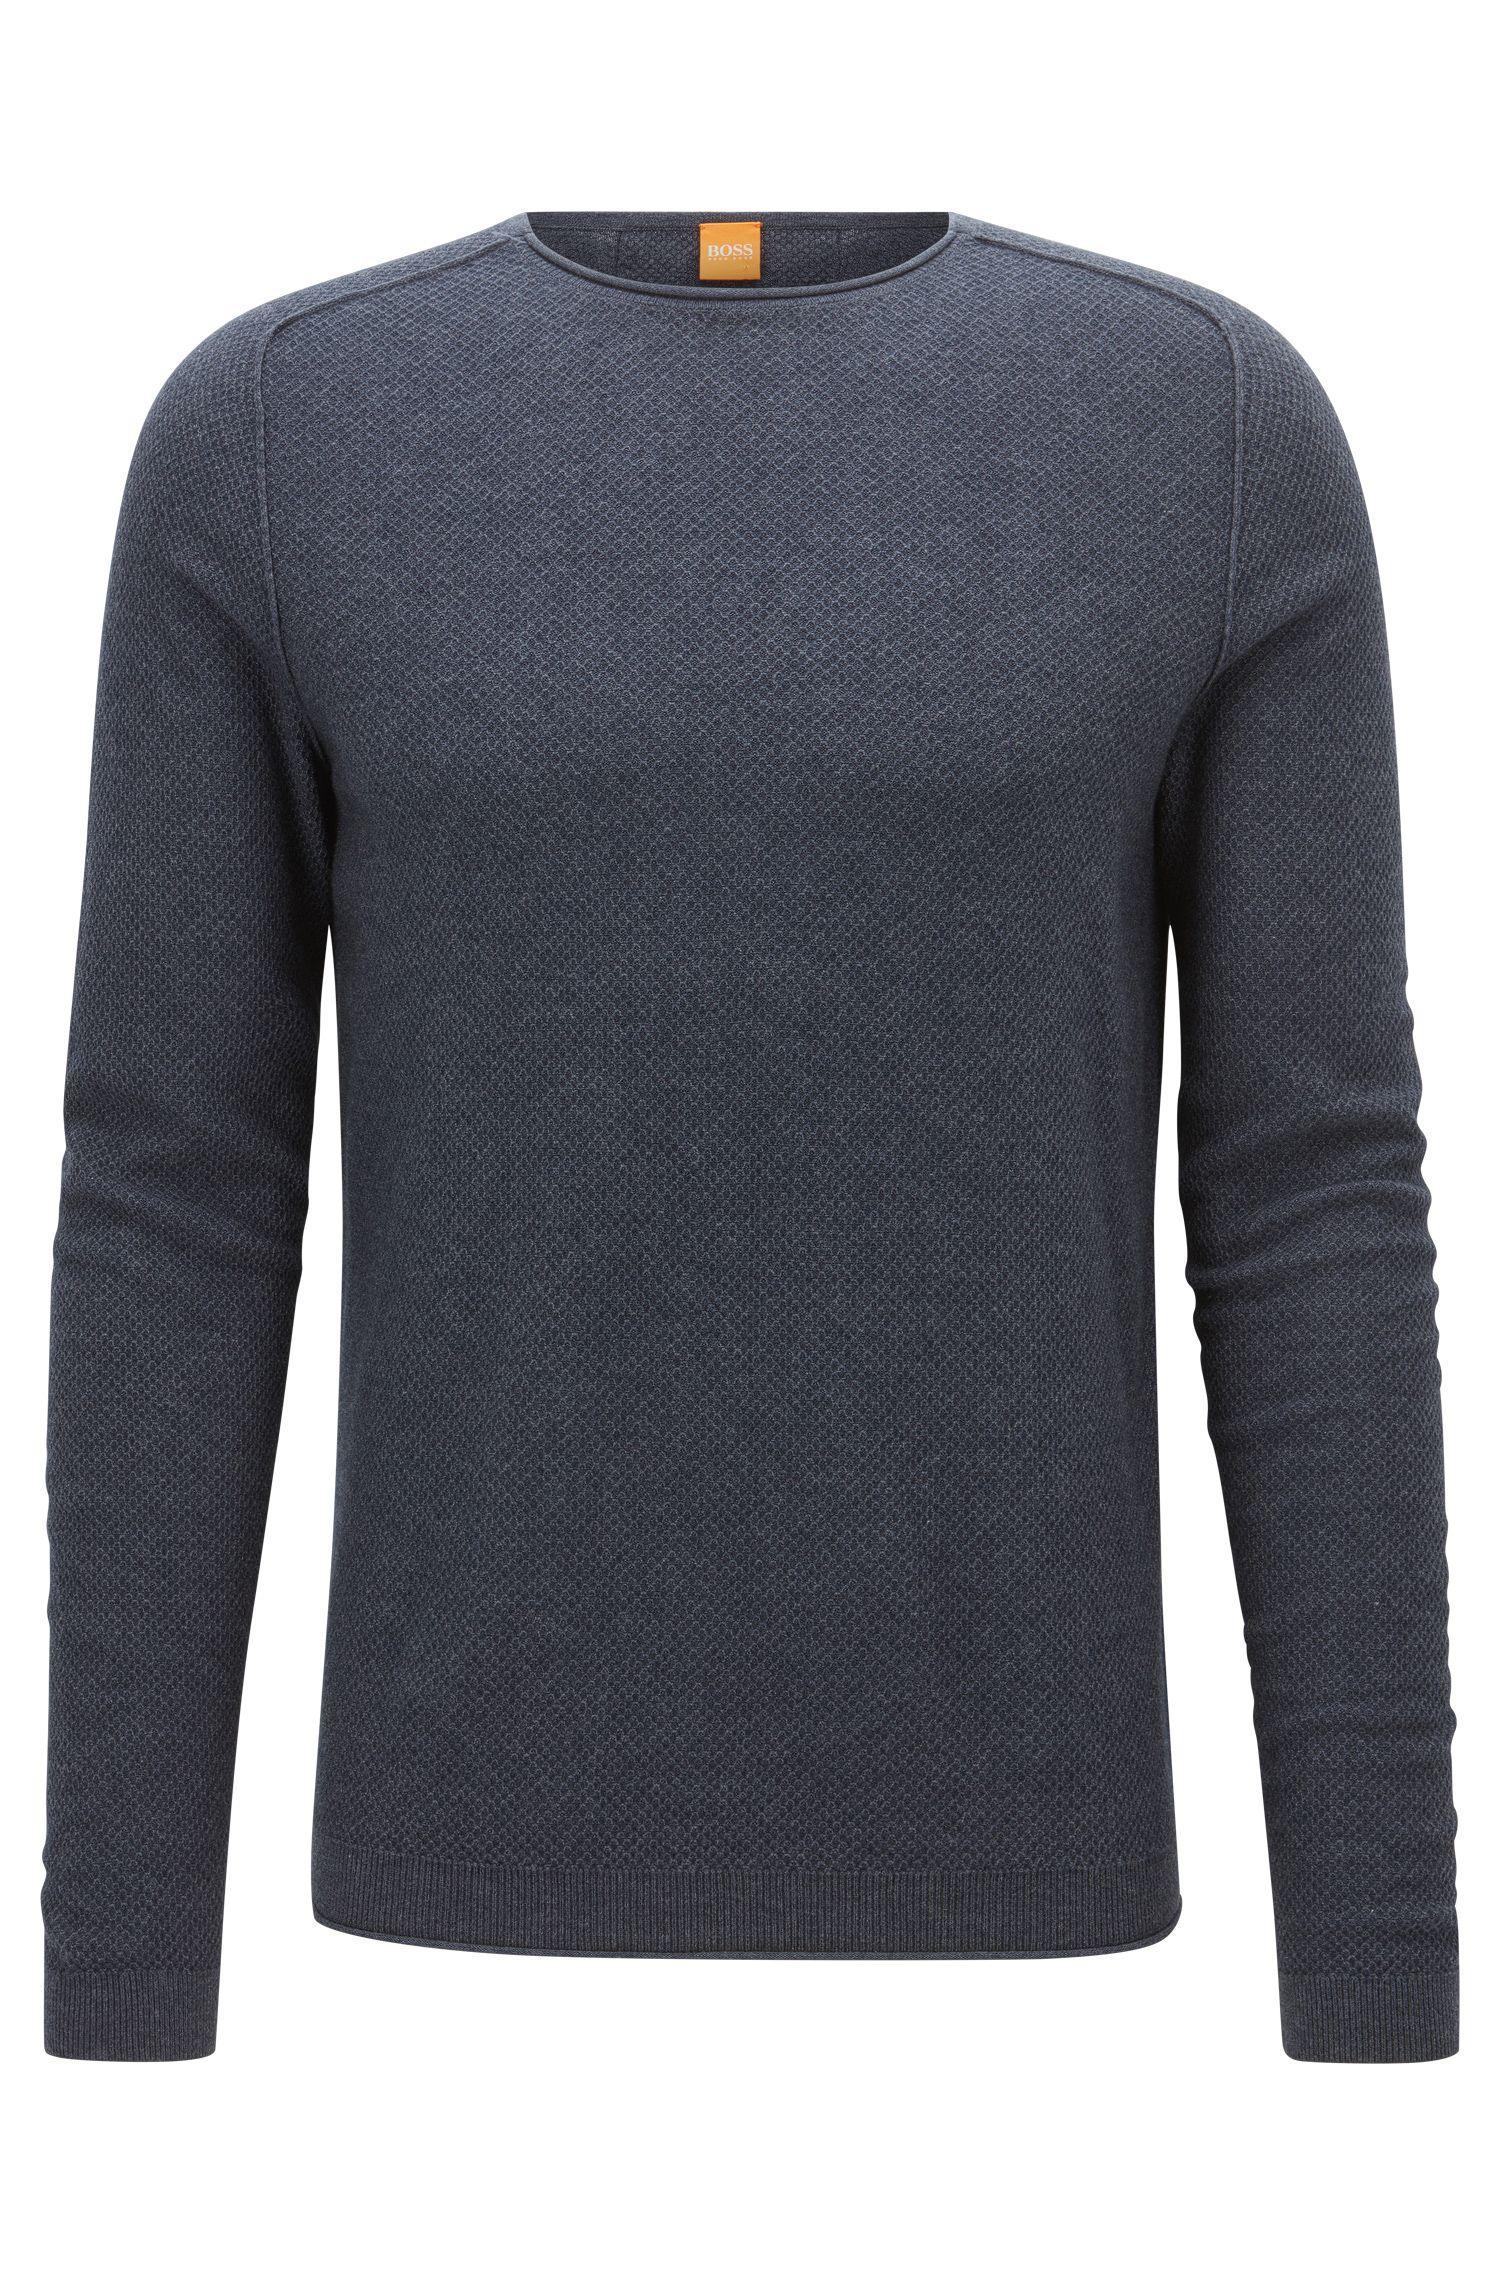 Maglione regular fit in tessuto con micro-lavorazione